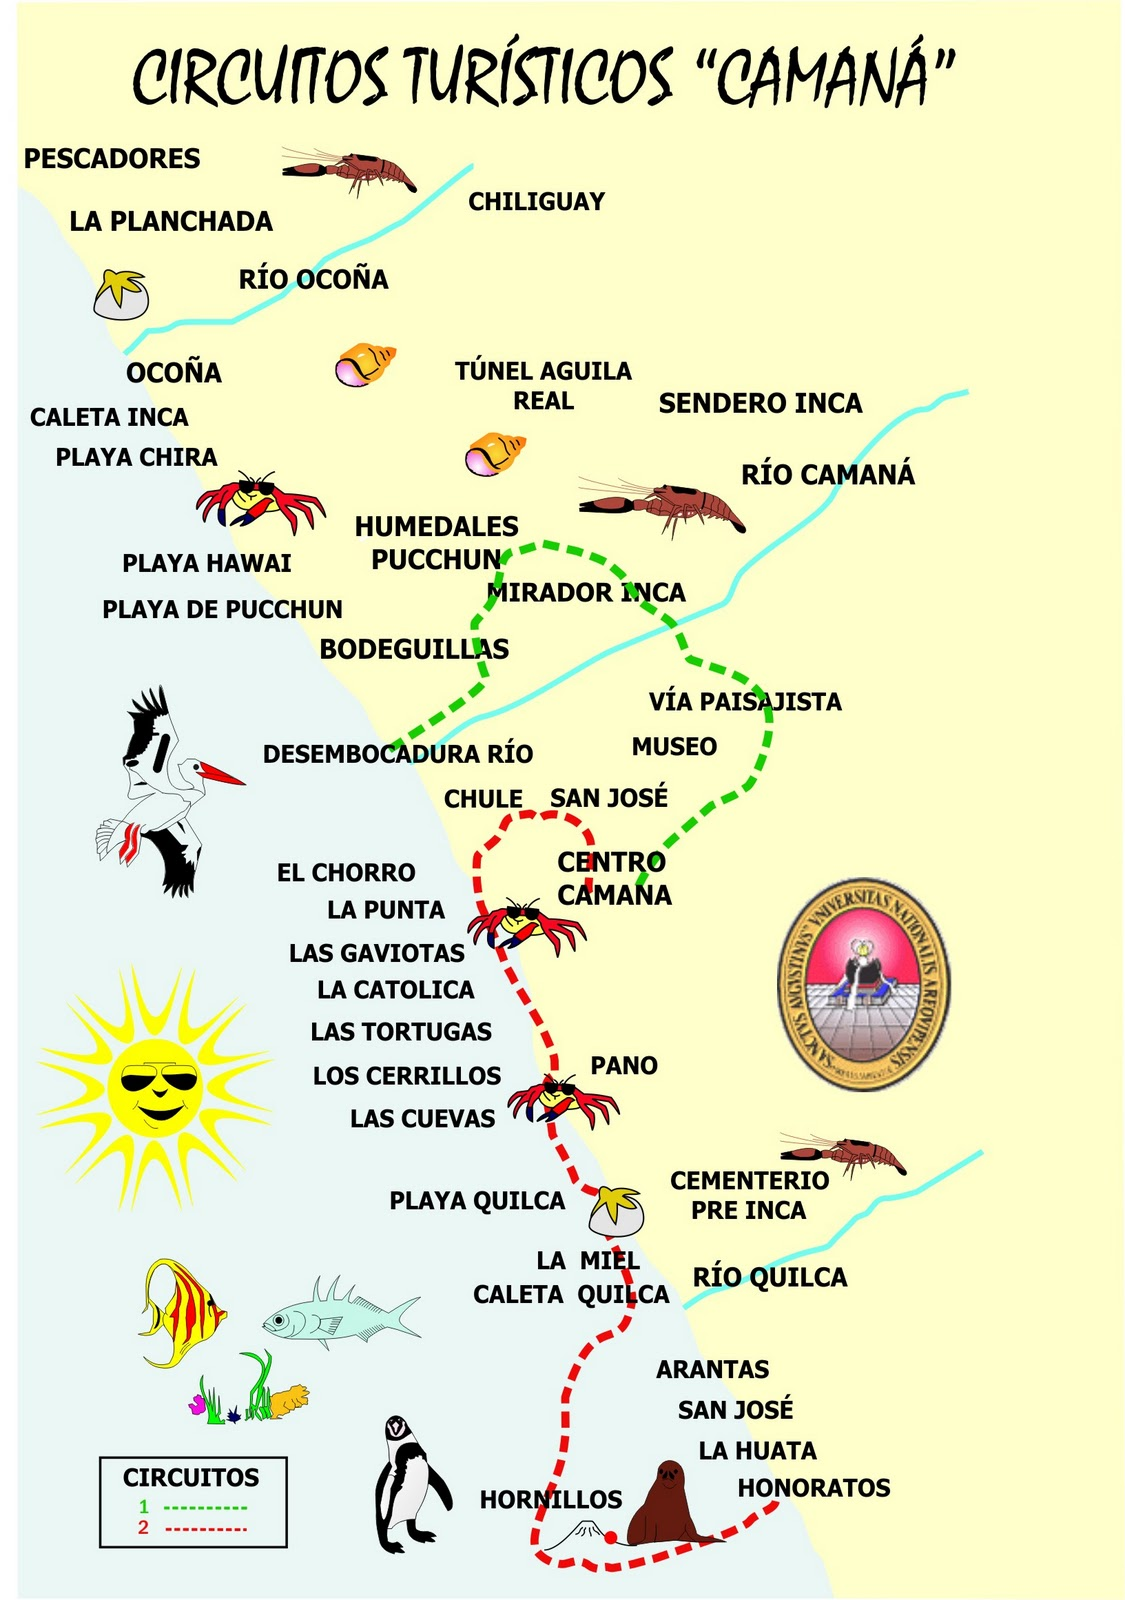 Circuito Turistico Ayacucho : Percy eliseo circuito turístico de camaná